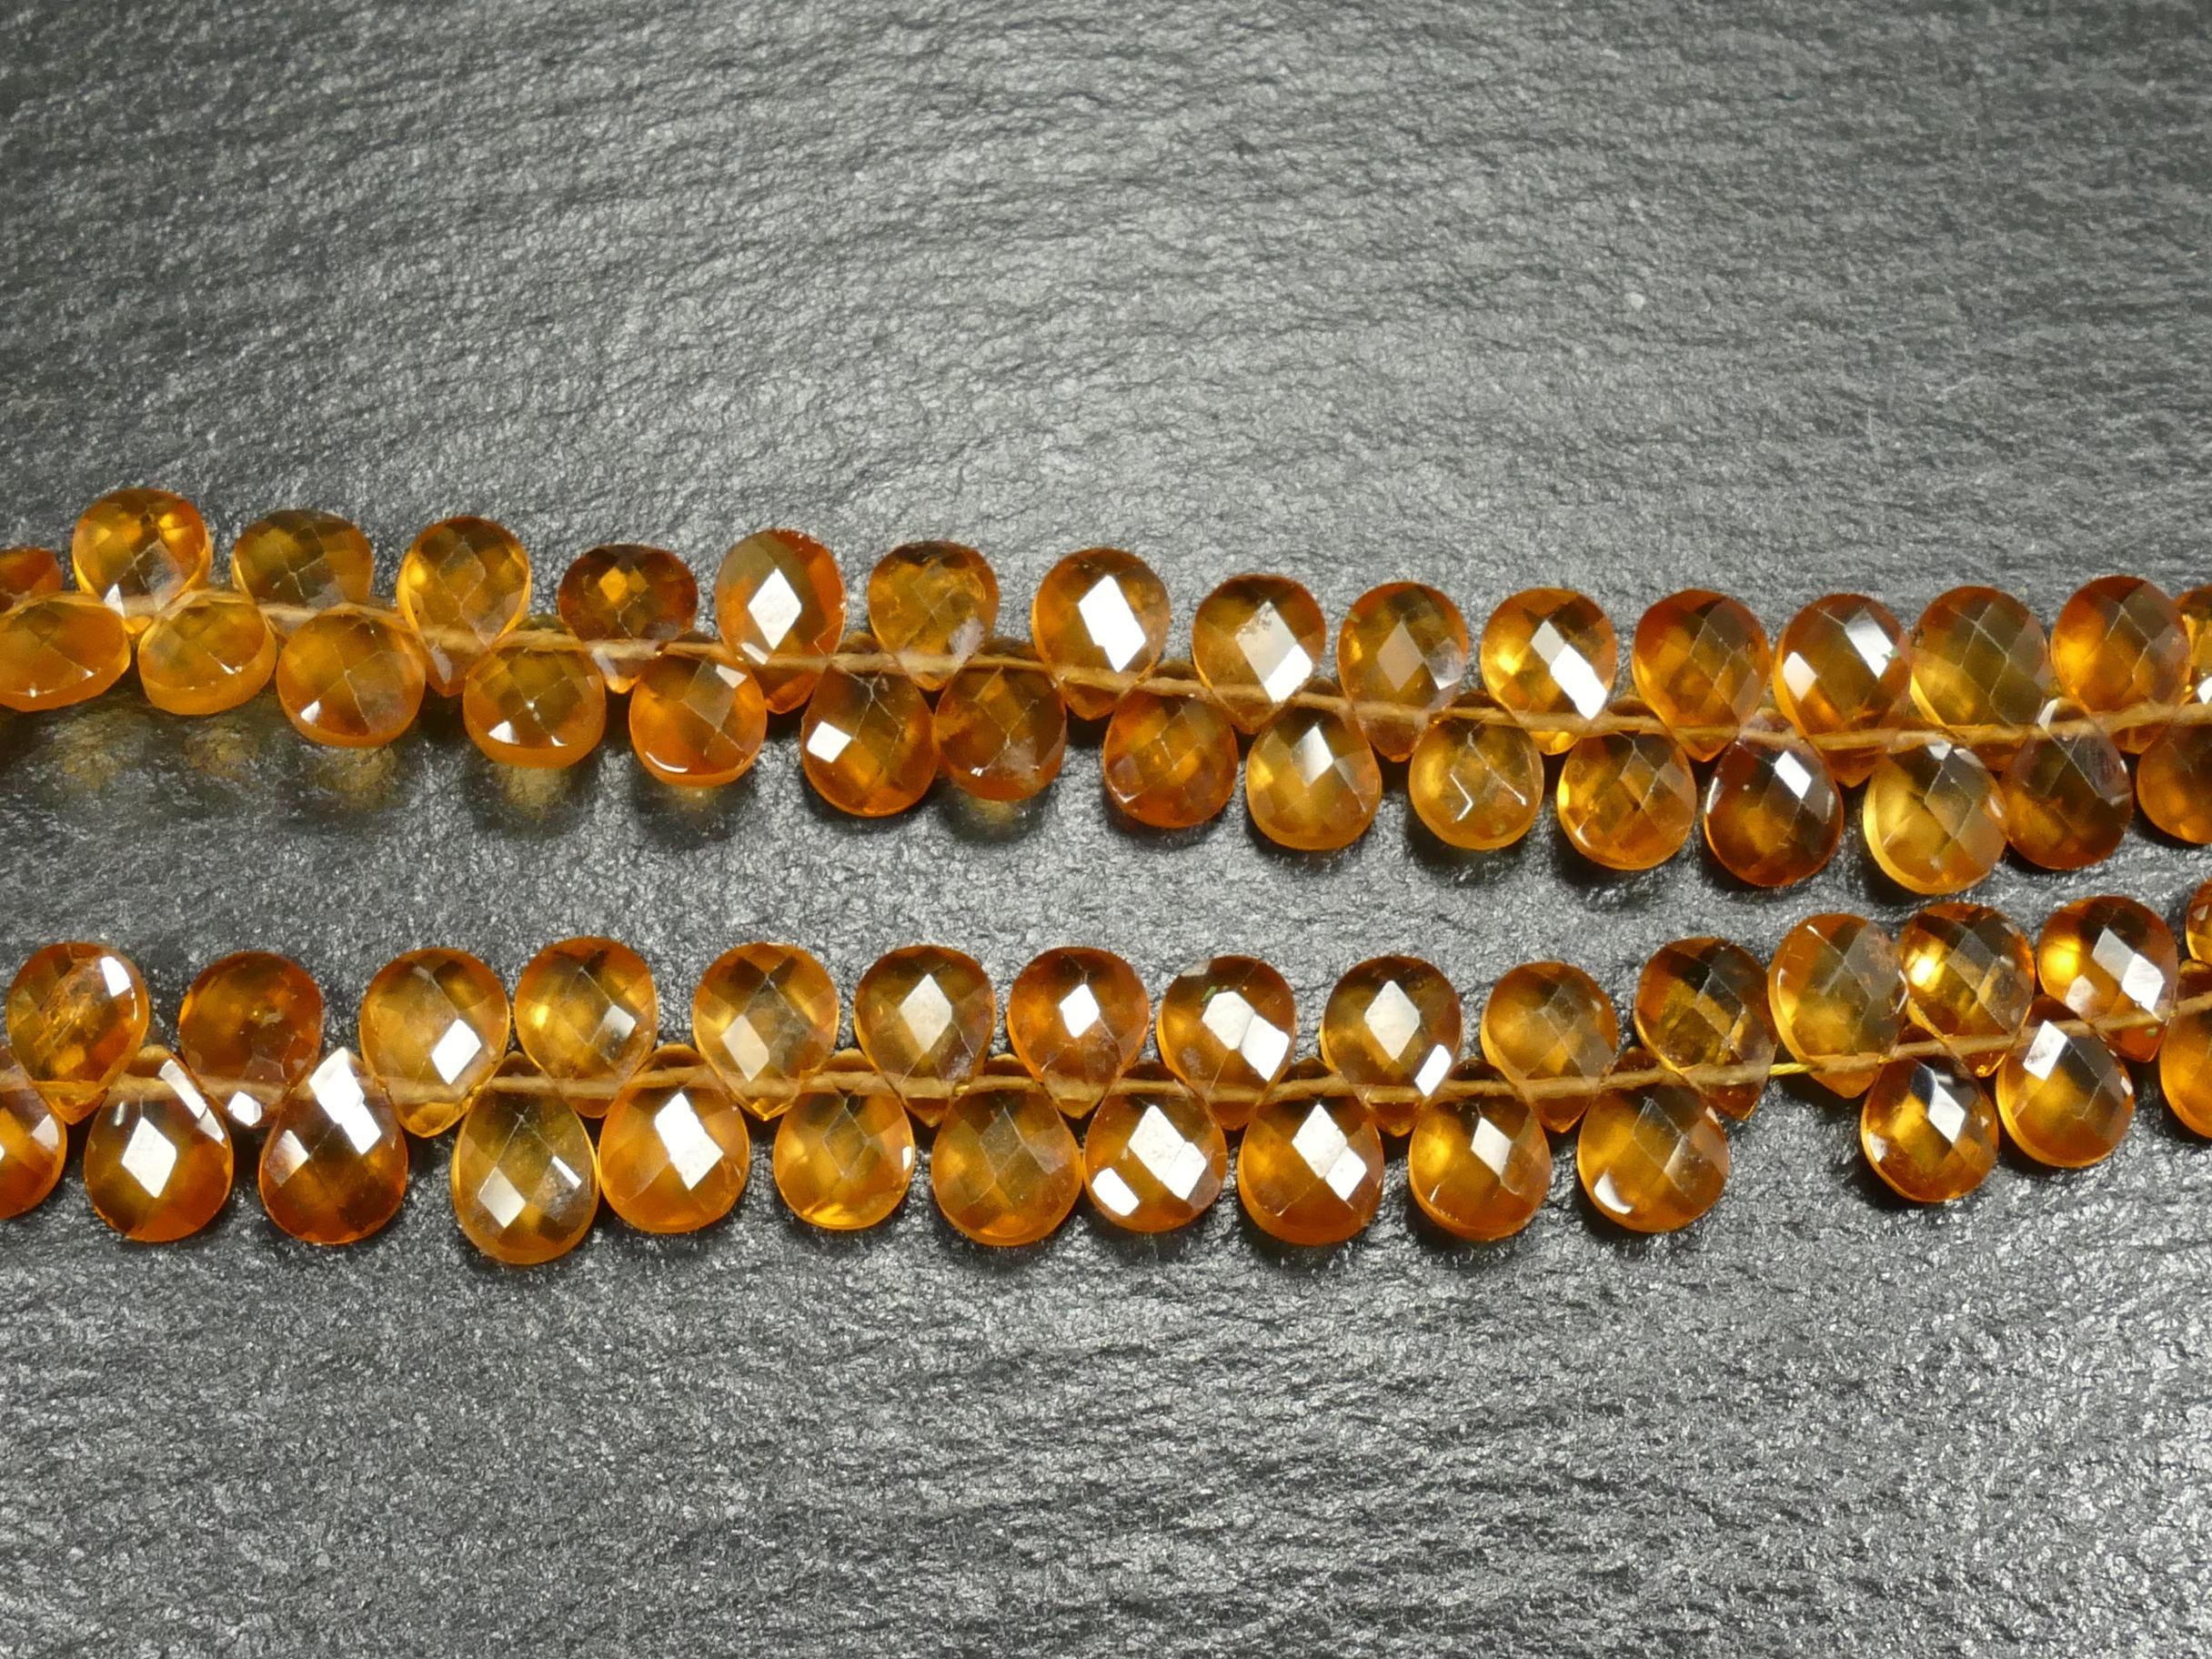 6x4.5mm x6 Perles de Grenat Spessartite naturel orangé en goutte plate facettée d\'Afrique (#AC841)